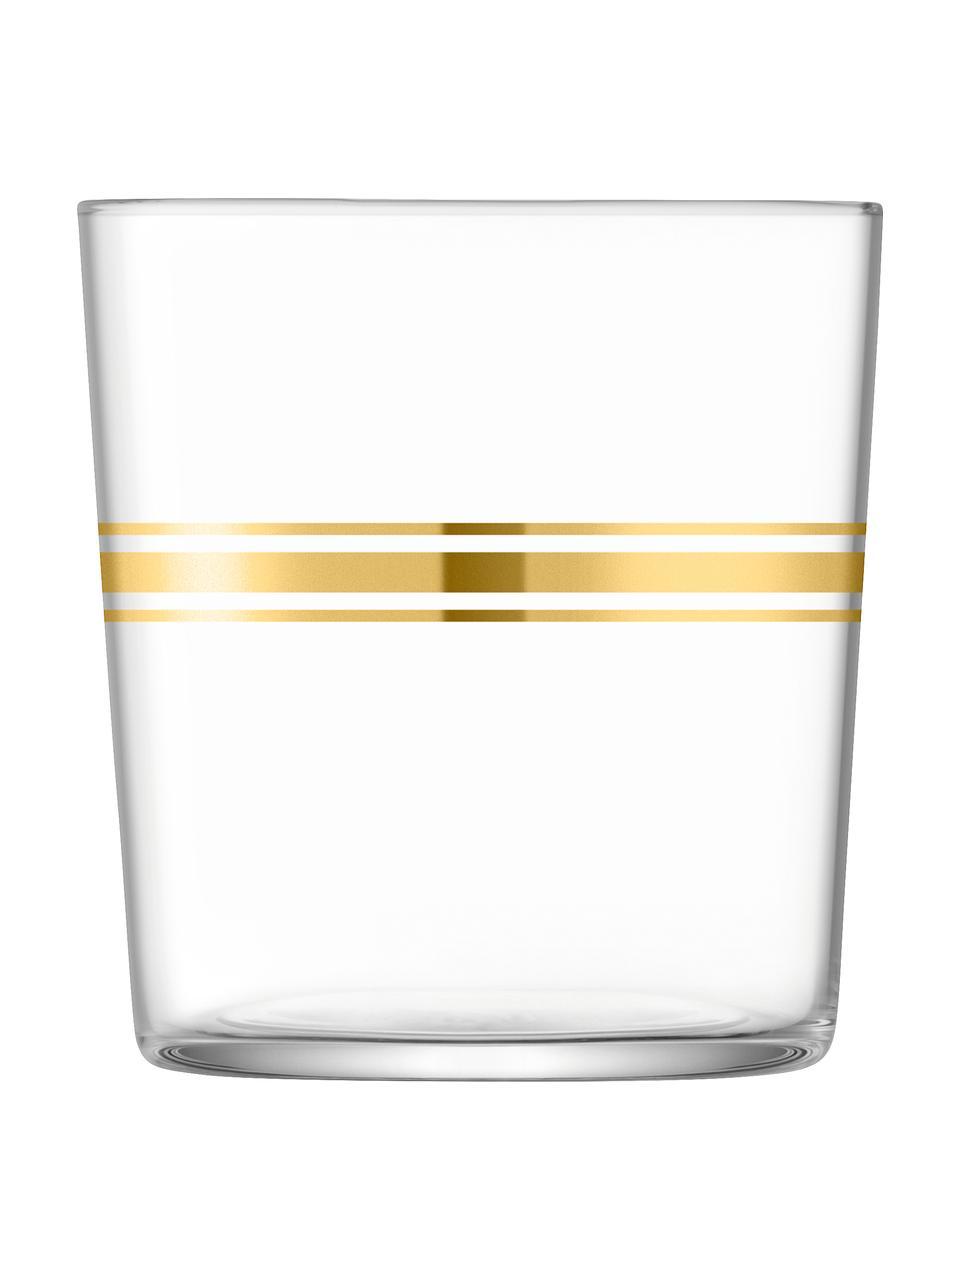 Komplet szklanek do wody Deco, 8 elem., Szkło, Transparentny, odcienie złotego, Ø 8 x W 9 cm